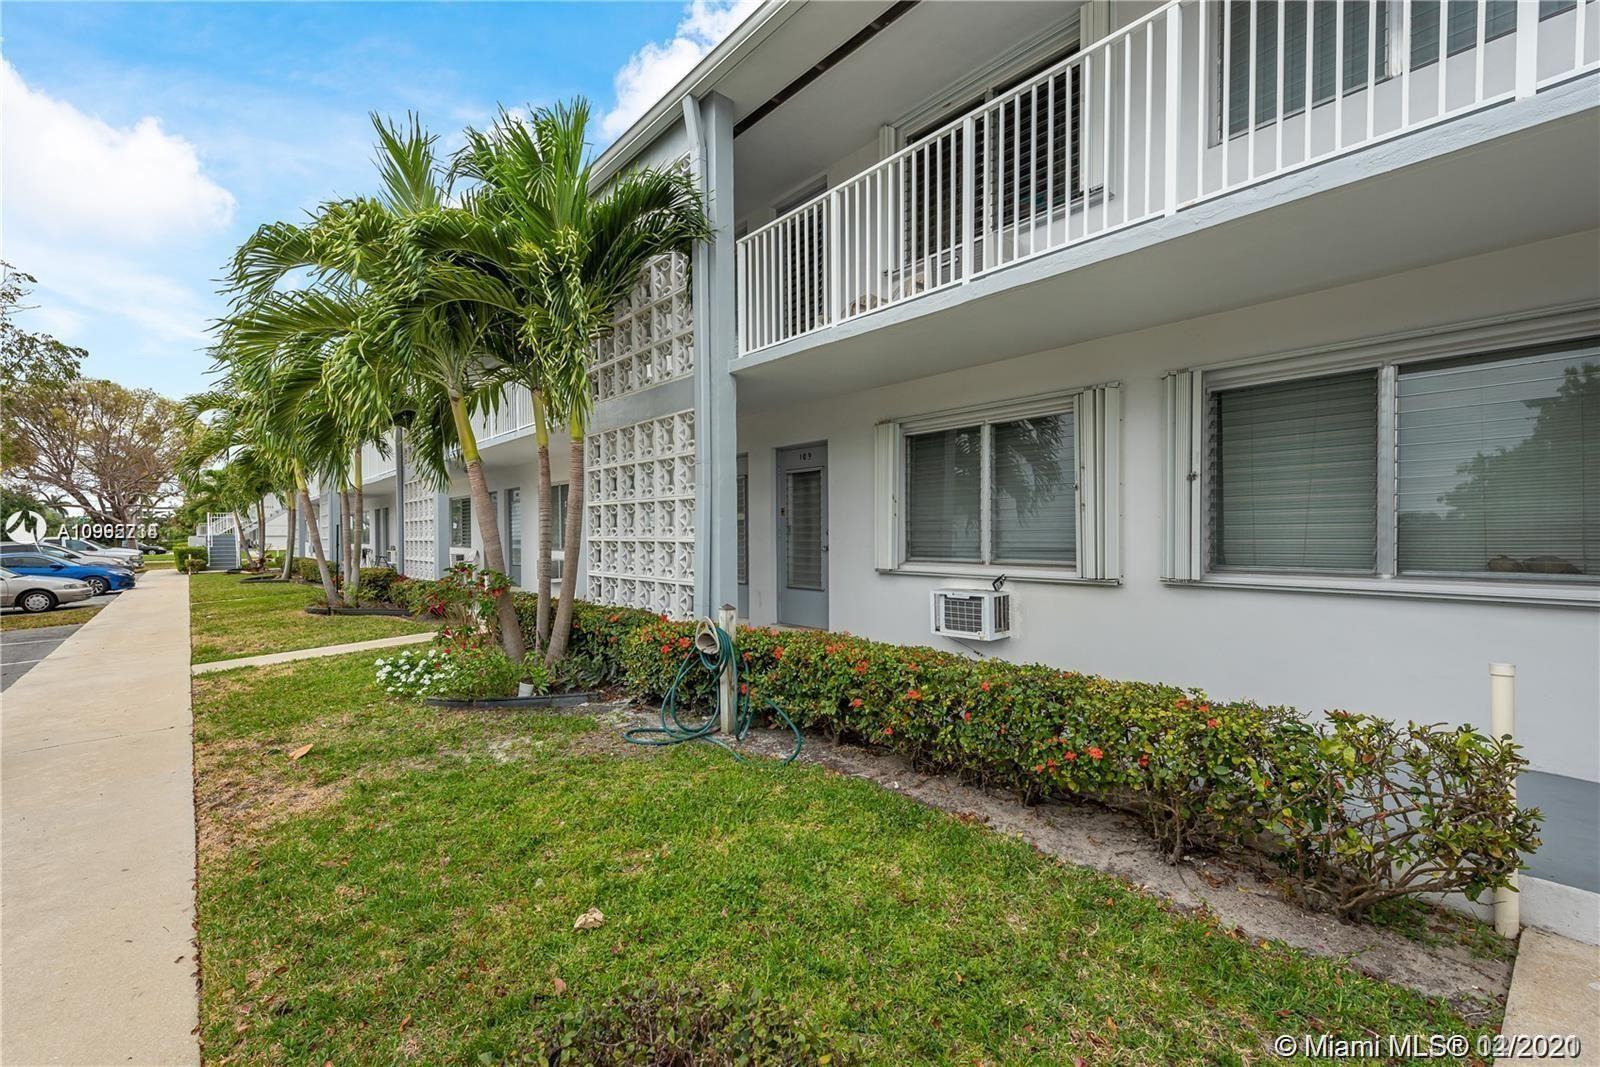 2020 NE 51st Ct #204, Fort Lauderdale, FL 33308 - #: A10995234